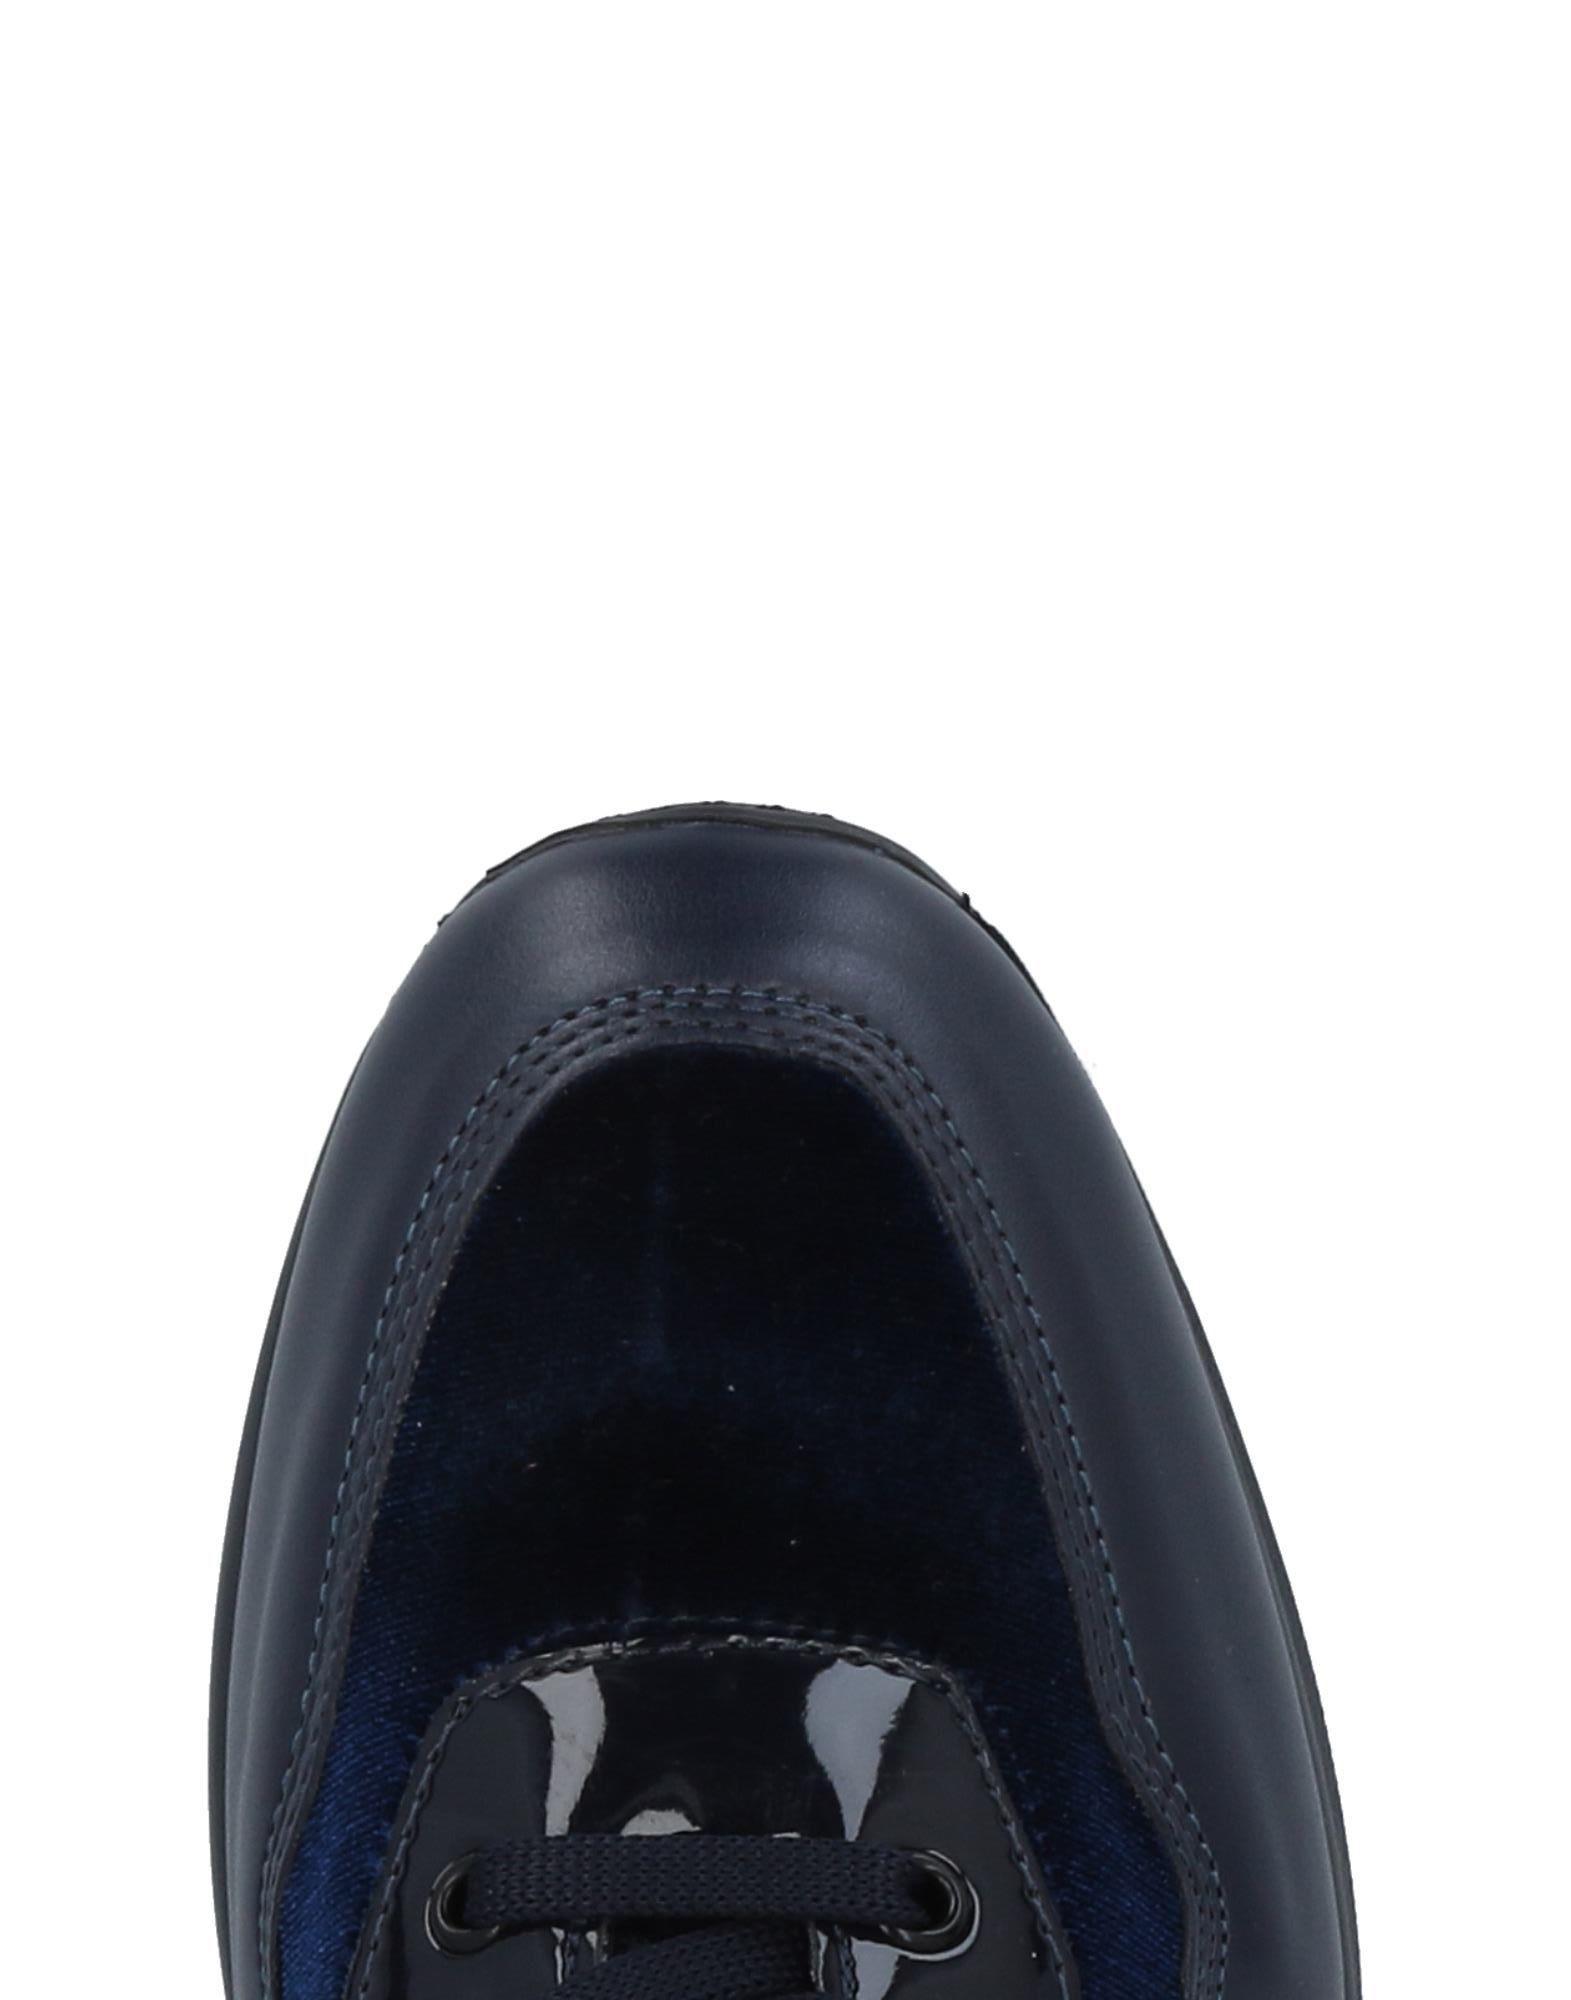 Blu Byblos Velvet Low-tops & Sneakers in Dark Blue (Blue)